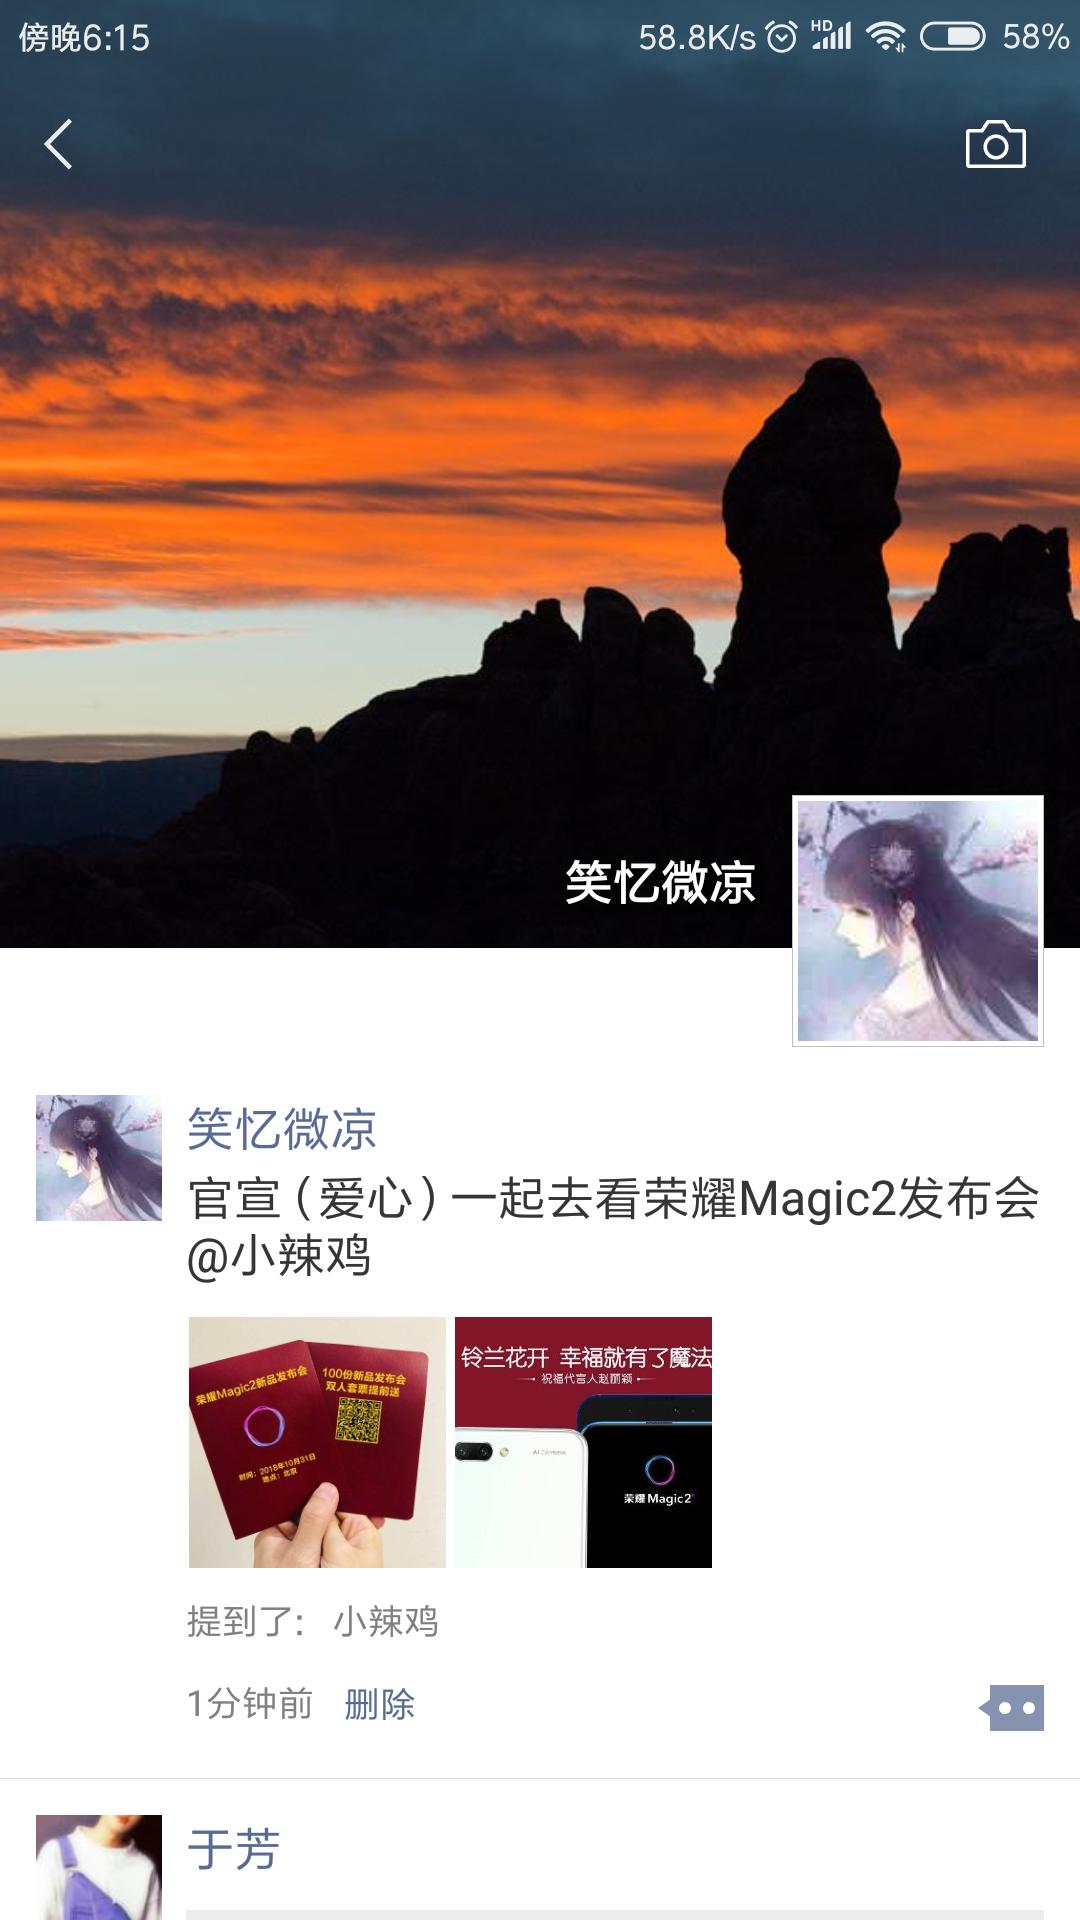 Screenshot_2018-10-23-18-15-13-671_com.tencent.mm.png